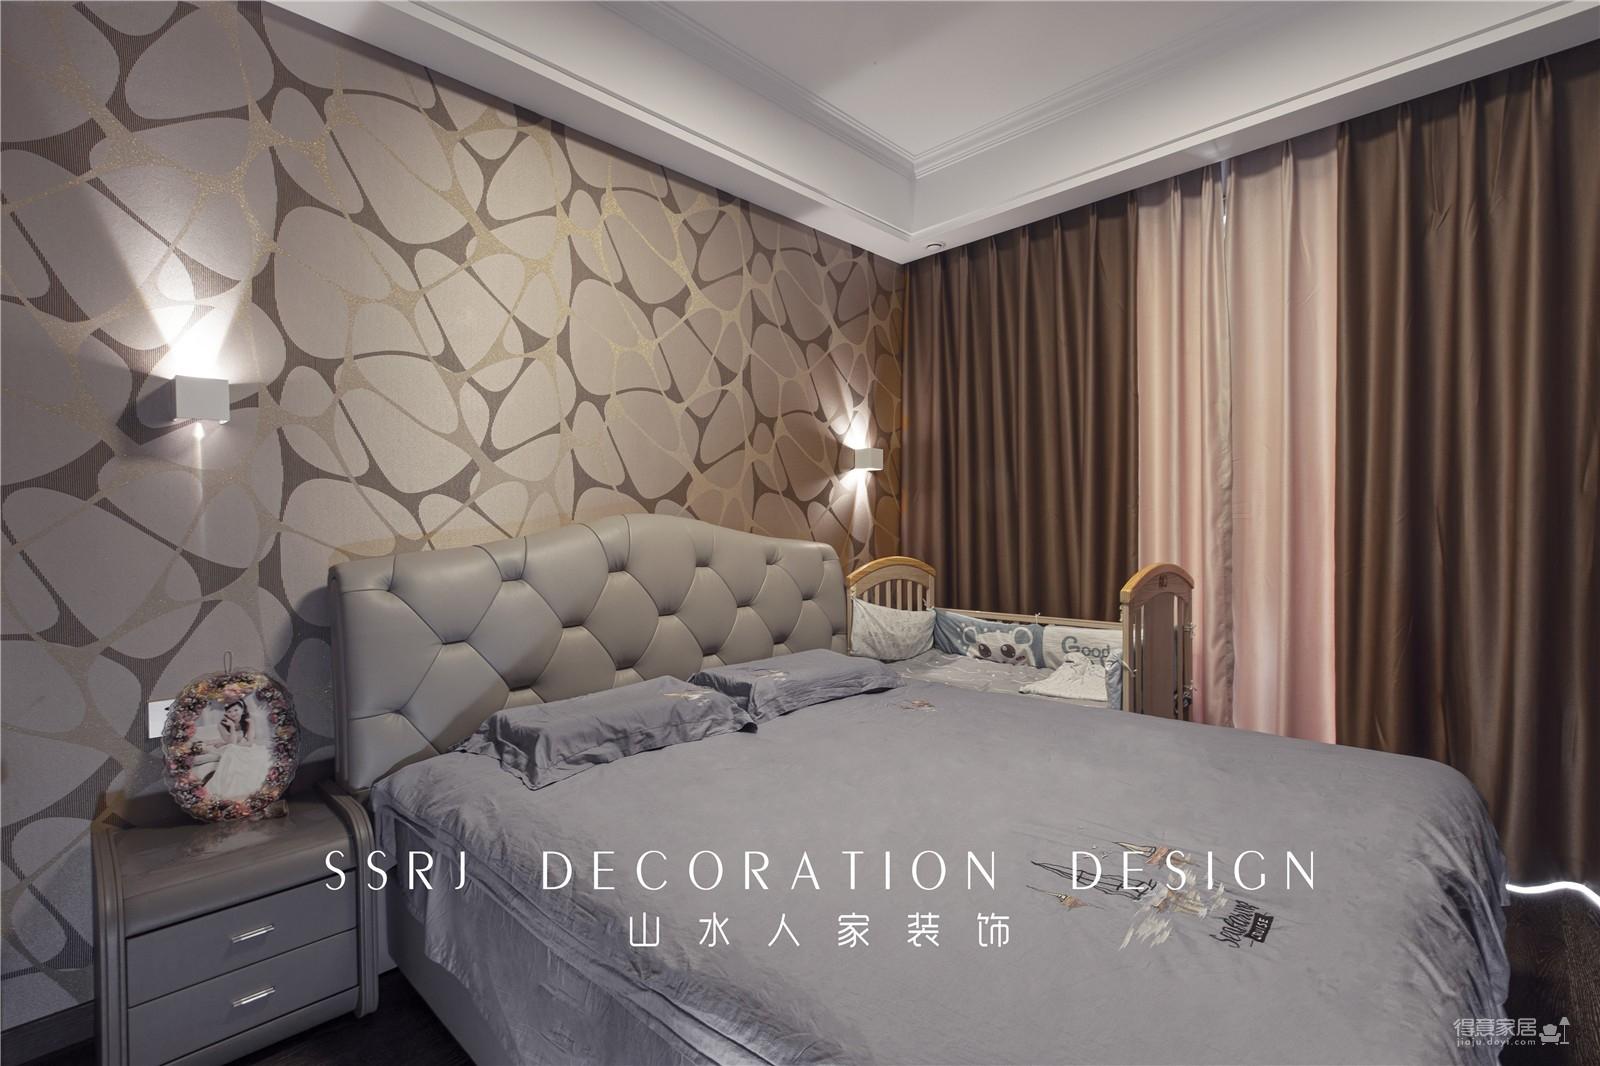 【沙湖怡景】103平三室两厅现代风图_6